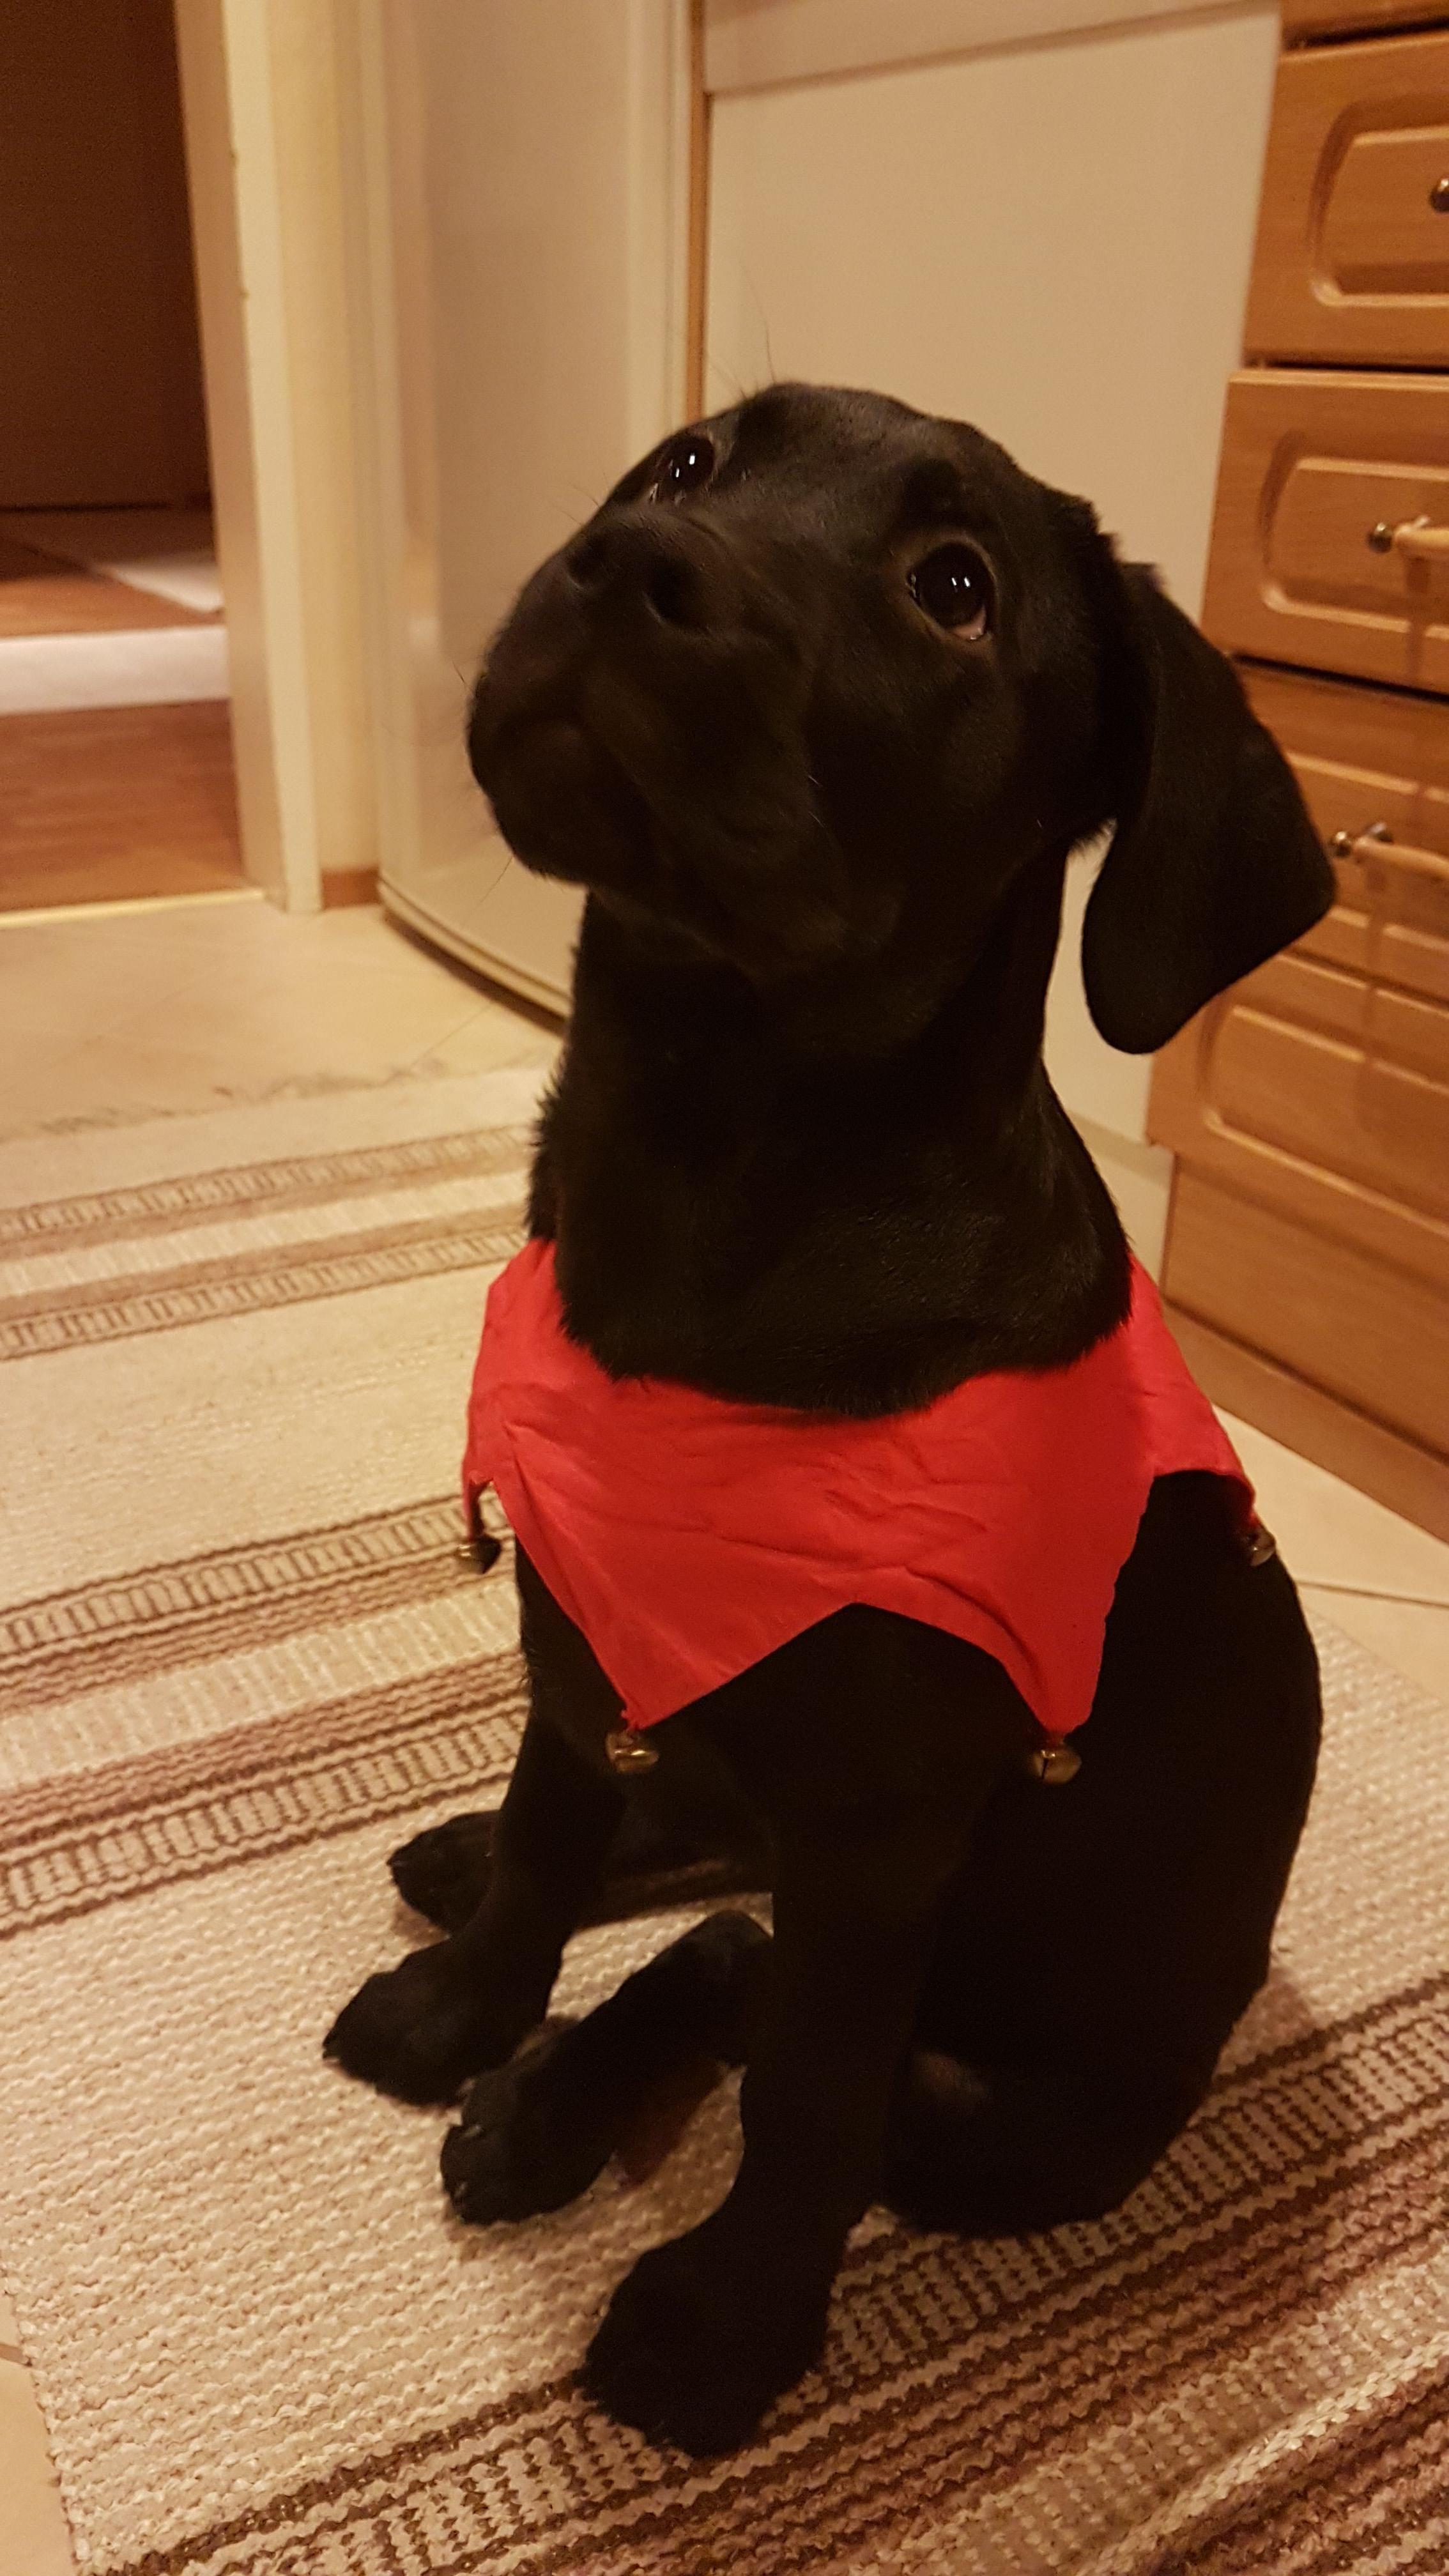 Meet hilda a cute little doggo iftphdeyv awwalerts